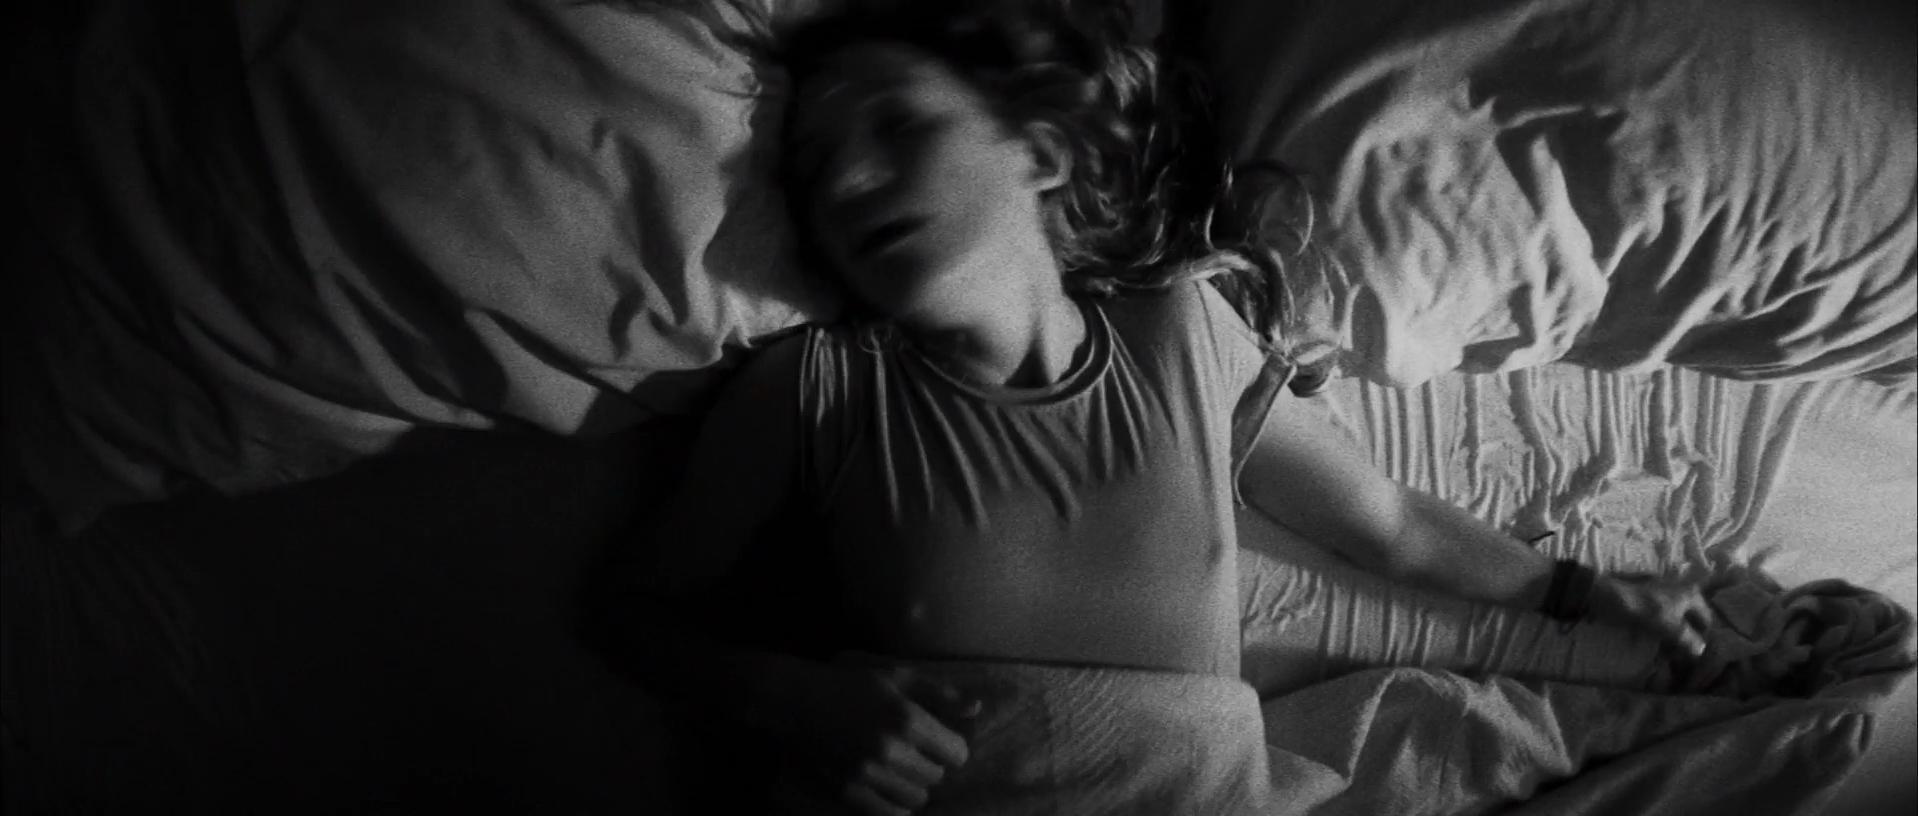 Kate Hudson sexy - The Skeleton Key (2005)